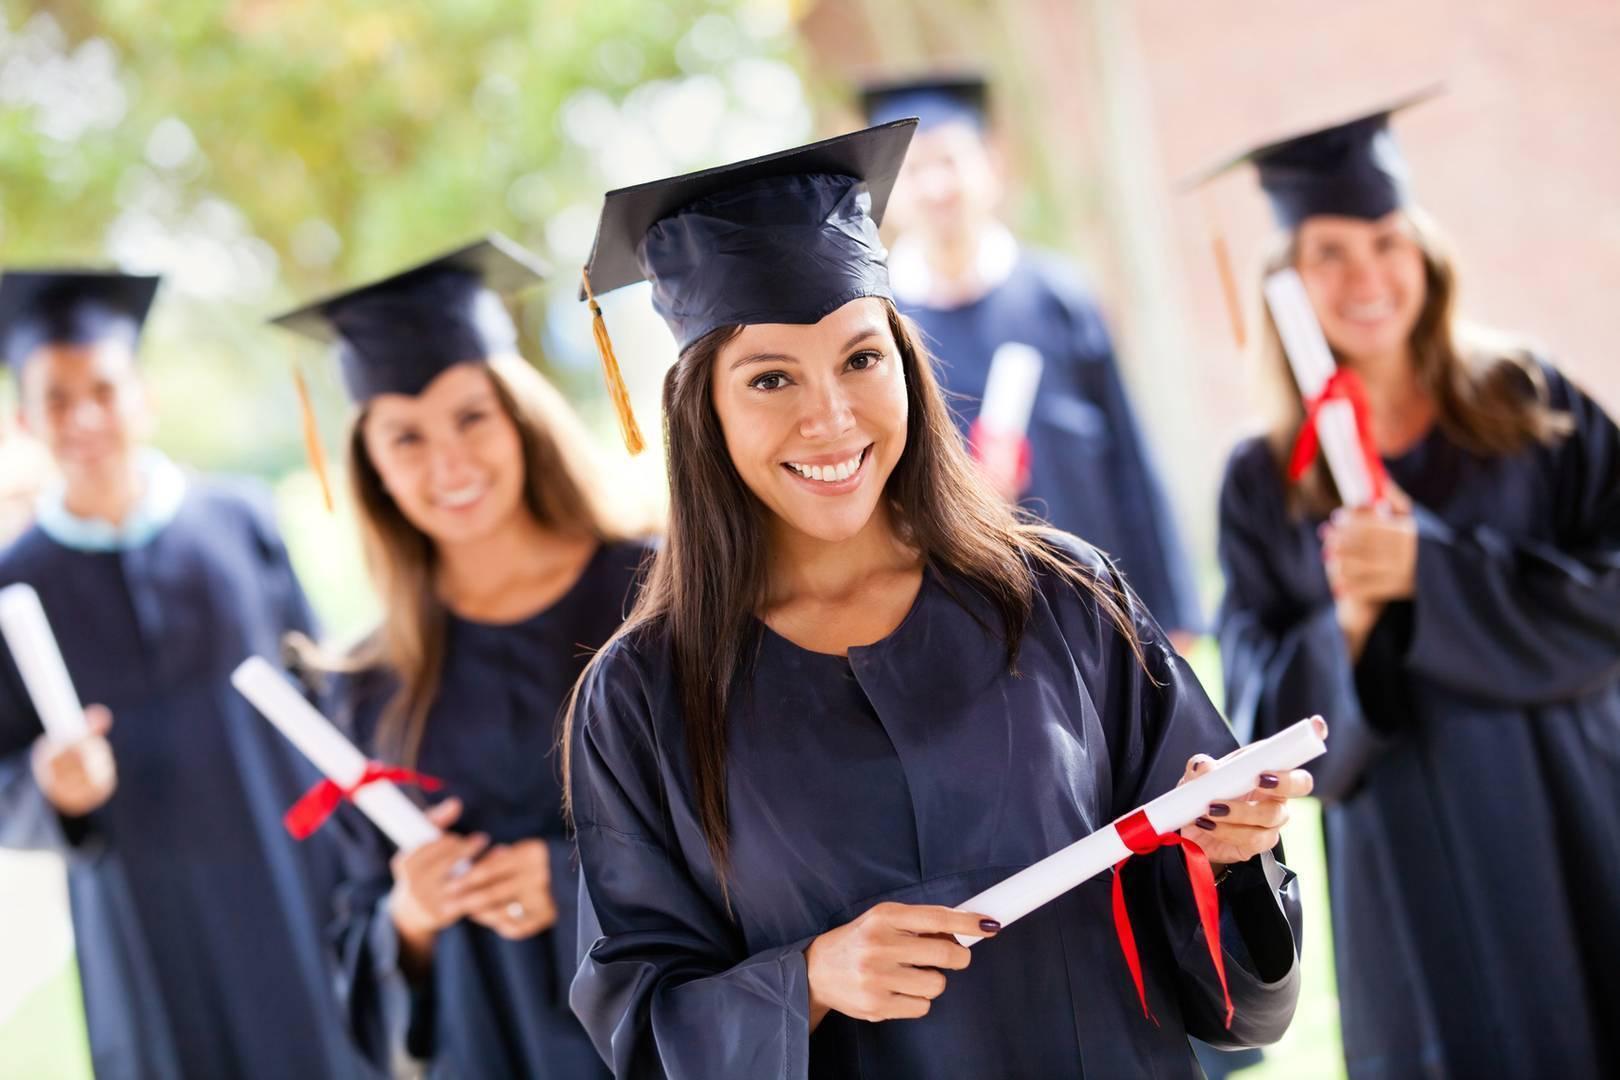 Все плюсы и минусы дистанционного и очного образования | оффлайн и онлайн образование